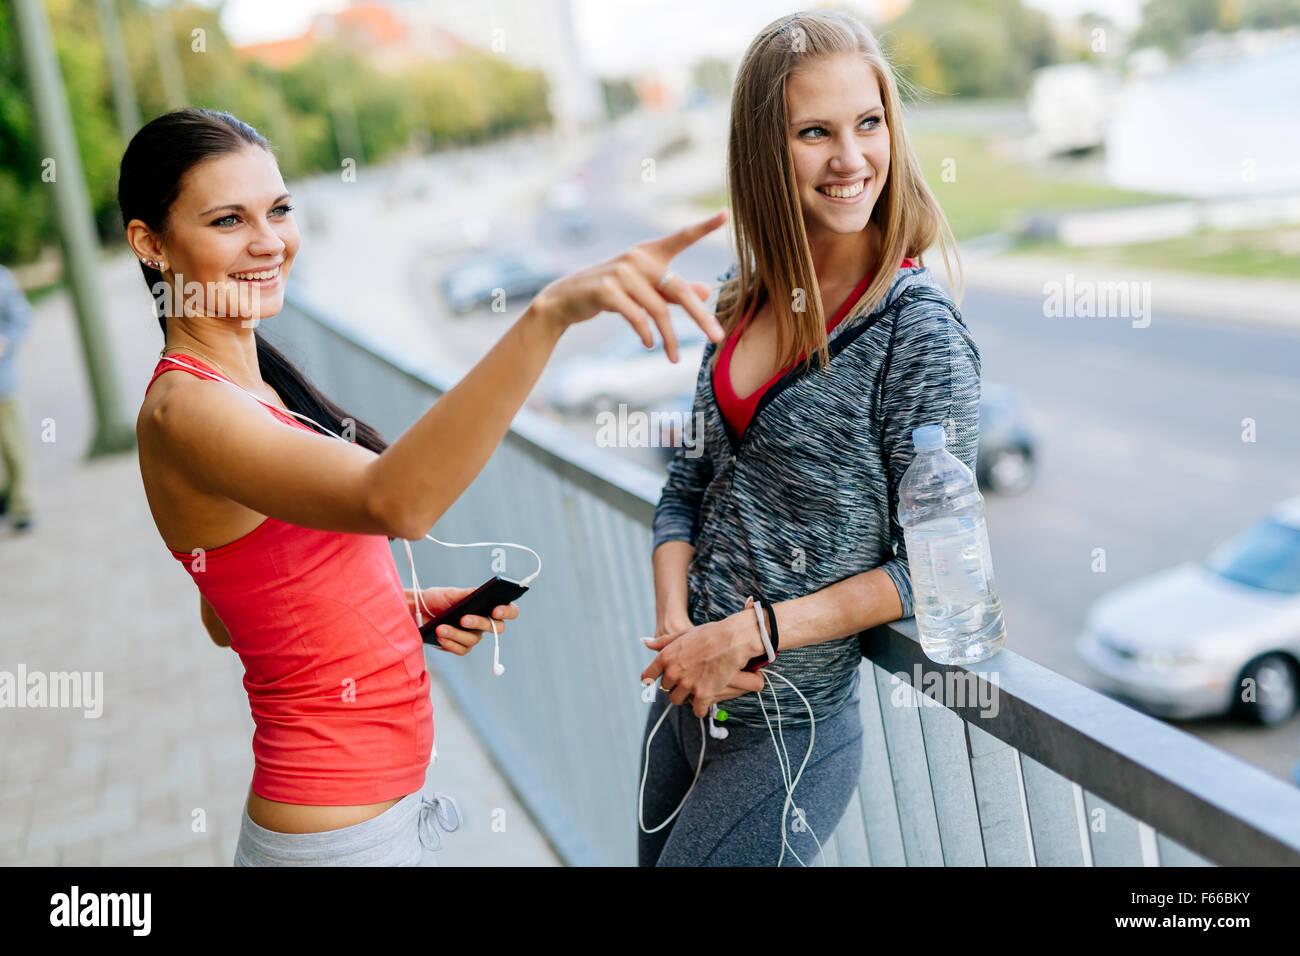 Mettre en place des femmes qui parlent en plein air après le jogging Photo Stock